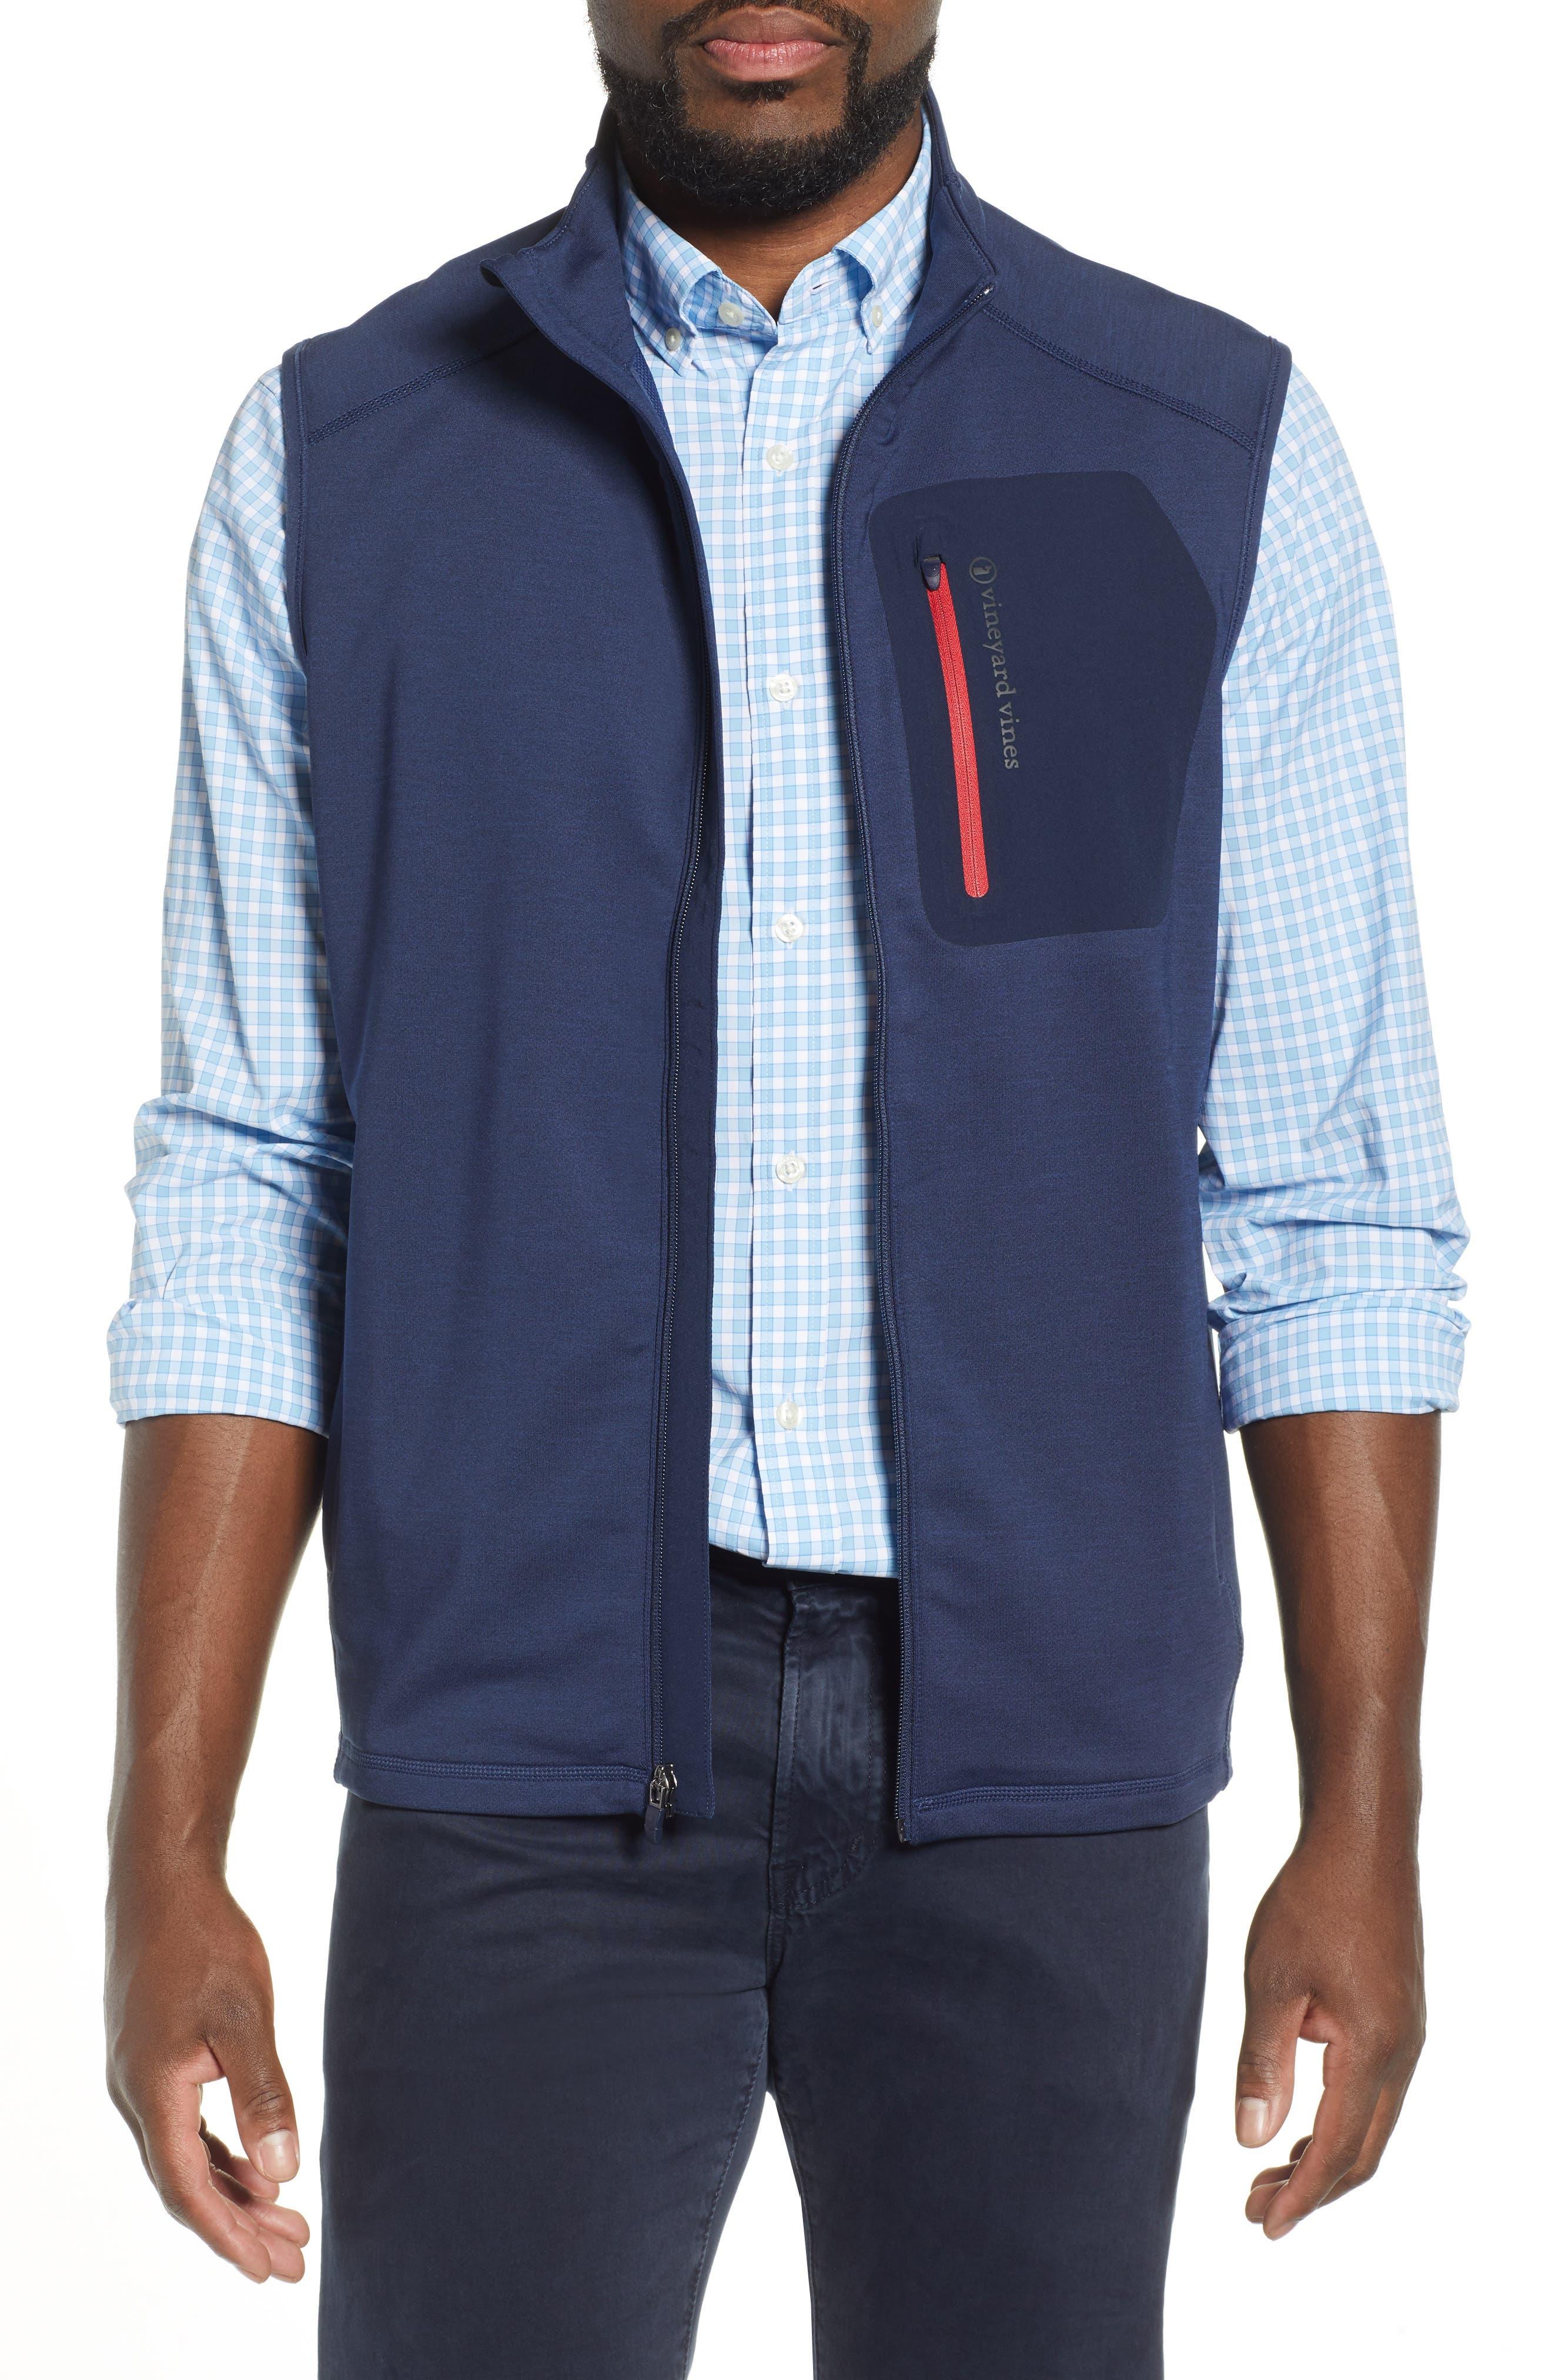 Vineyard Vines Walker Zip Vest, Blue